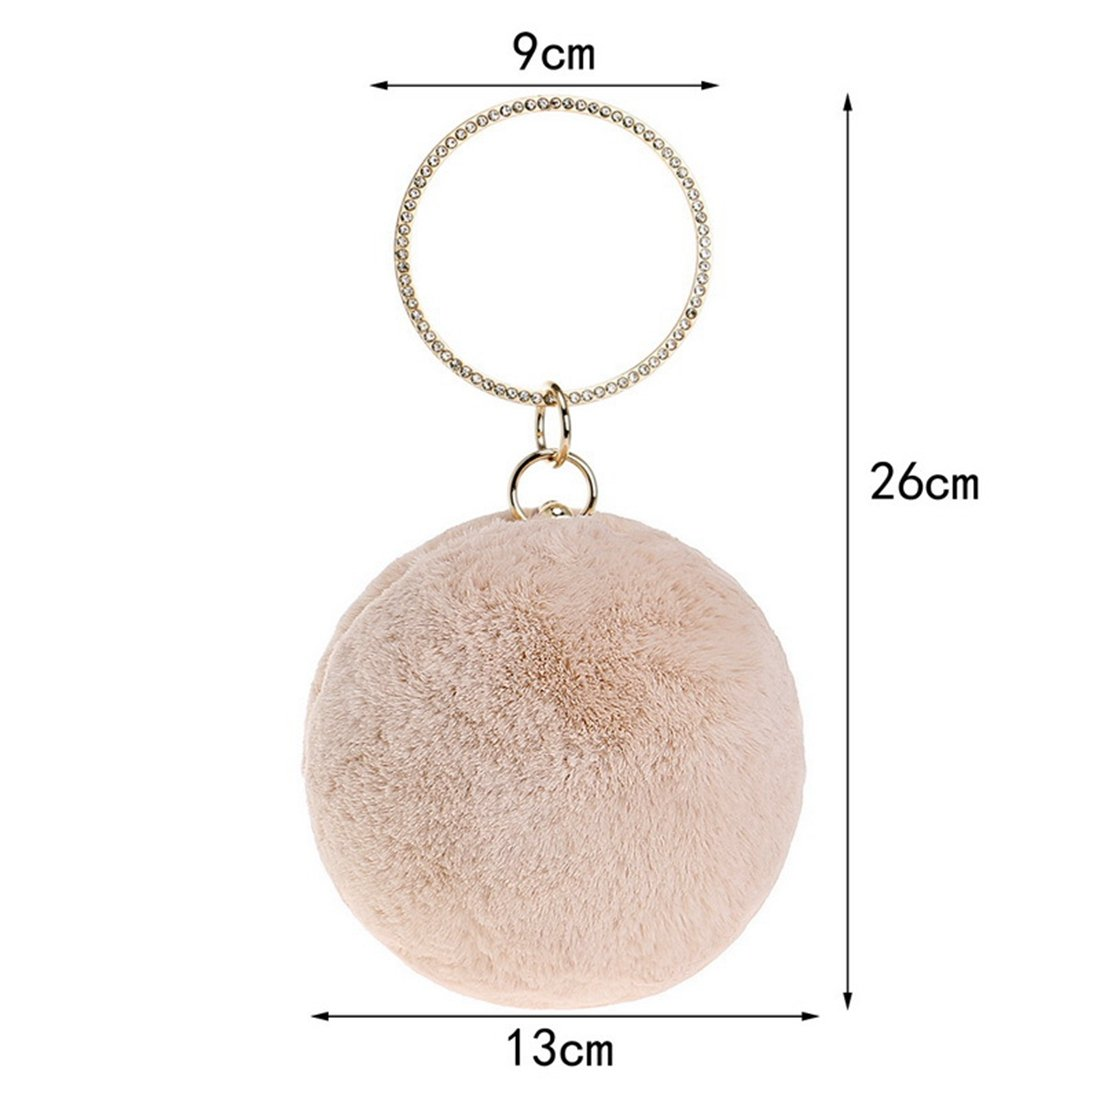 Tatkldisu Frauen Plüsch Runde Ball Clutch Abend Abend Abend Handtasche Tasche Schulter Crossbody (Farbe   Aprikosen) B07MXJ852P Clutches Moderne und elegante Mode 1824e8